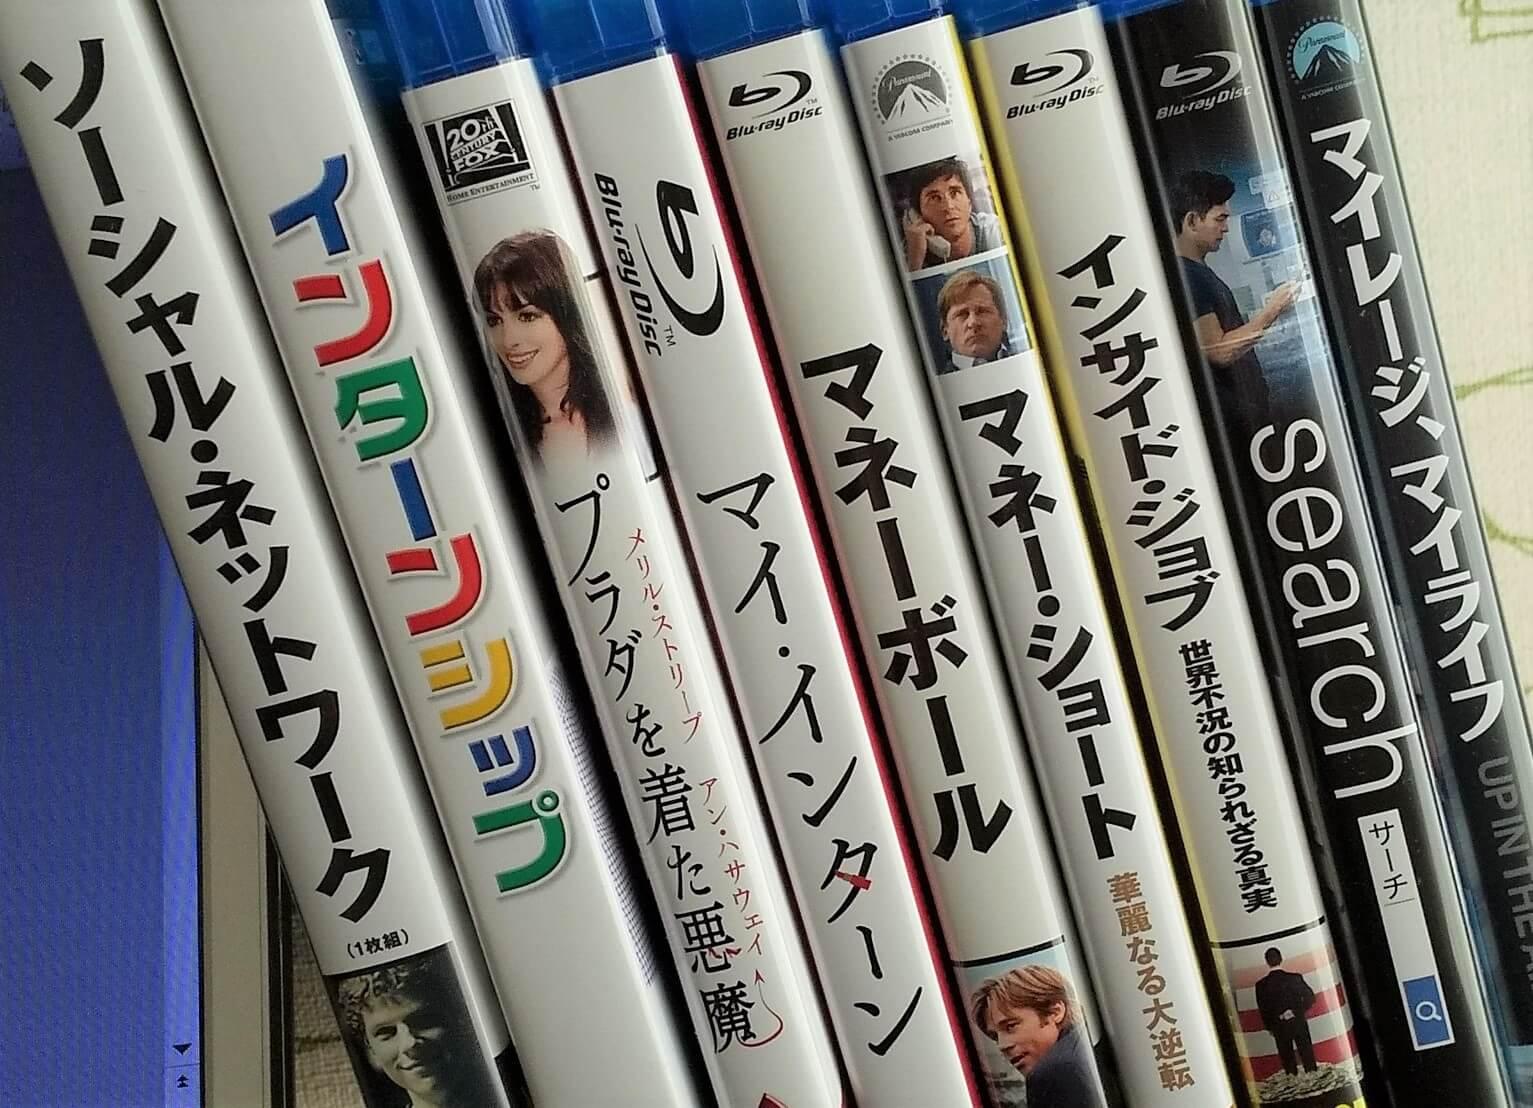 私のビジネス英語学習用の映画作品DVD・Blu-rayコレクション。